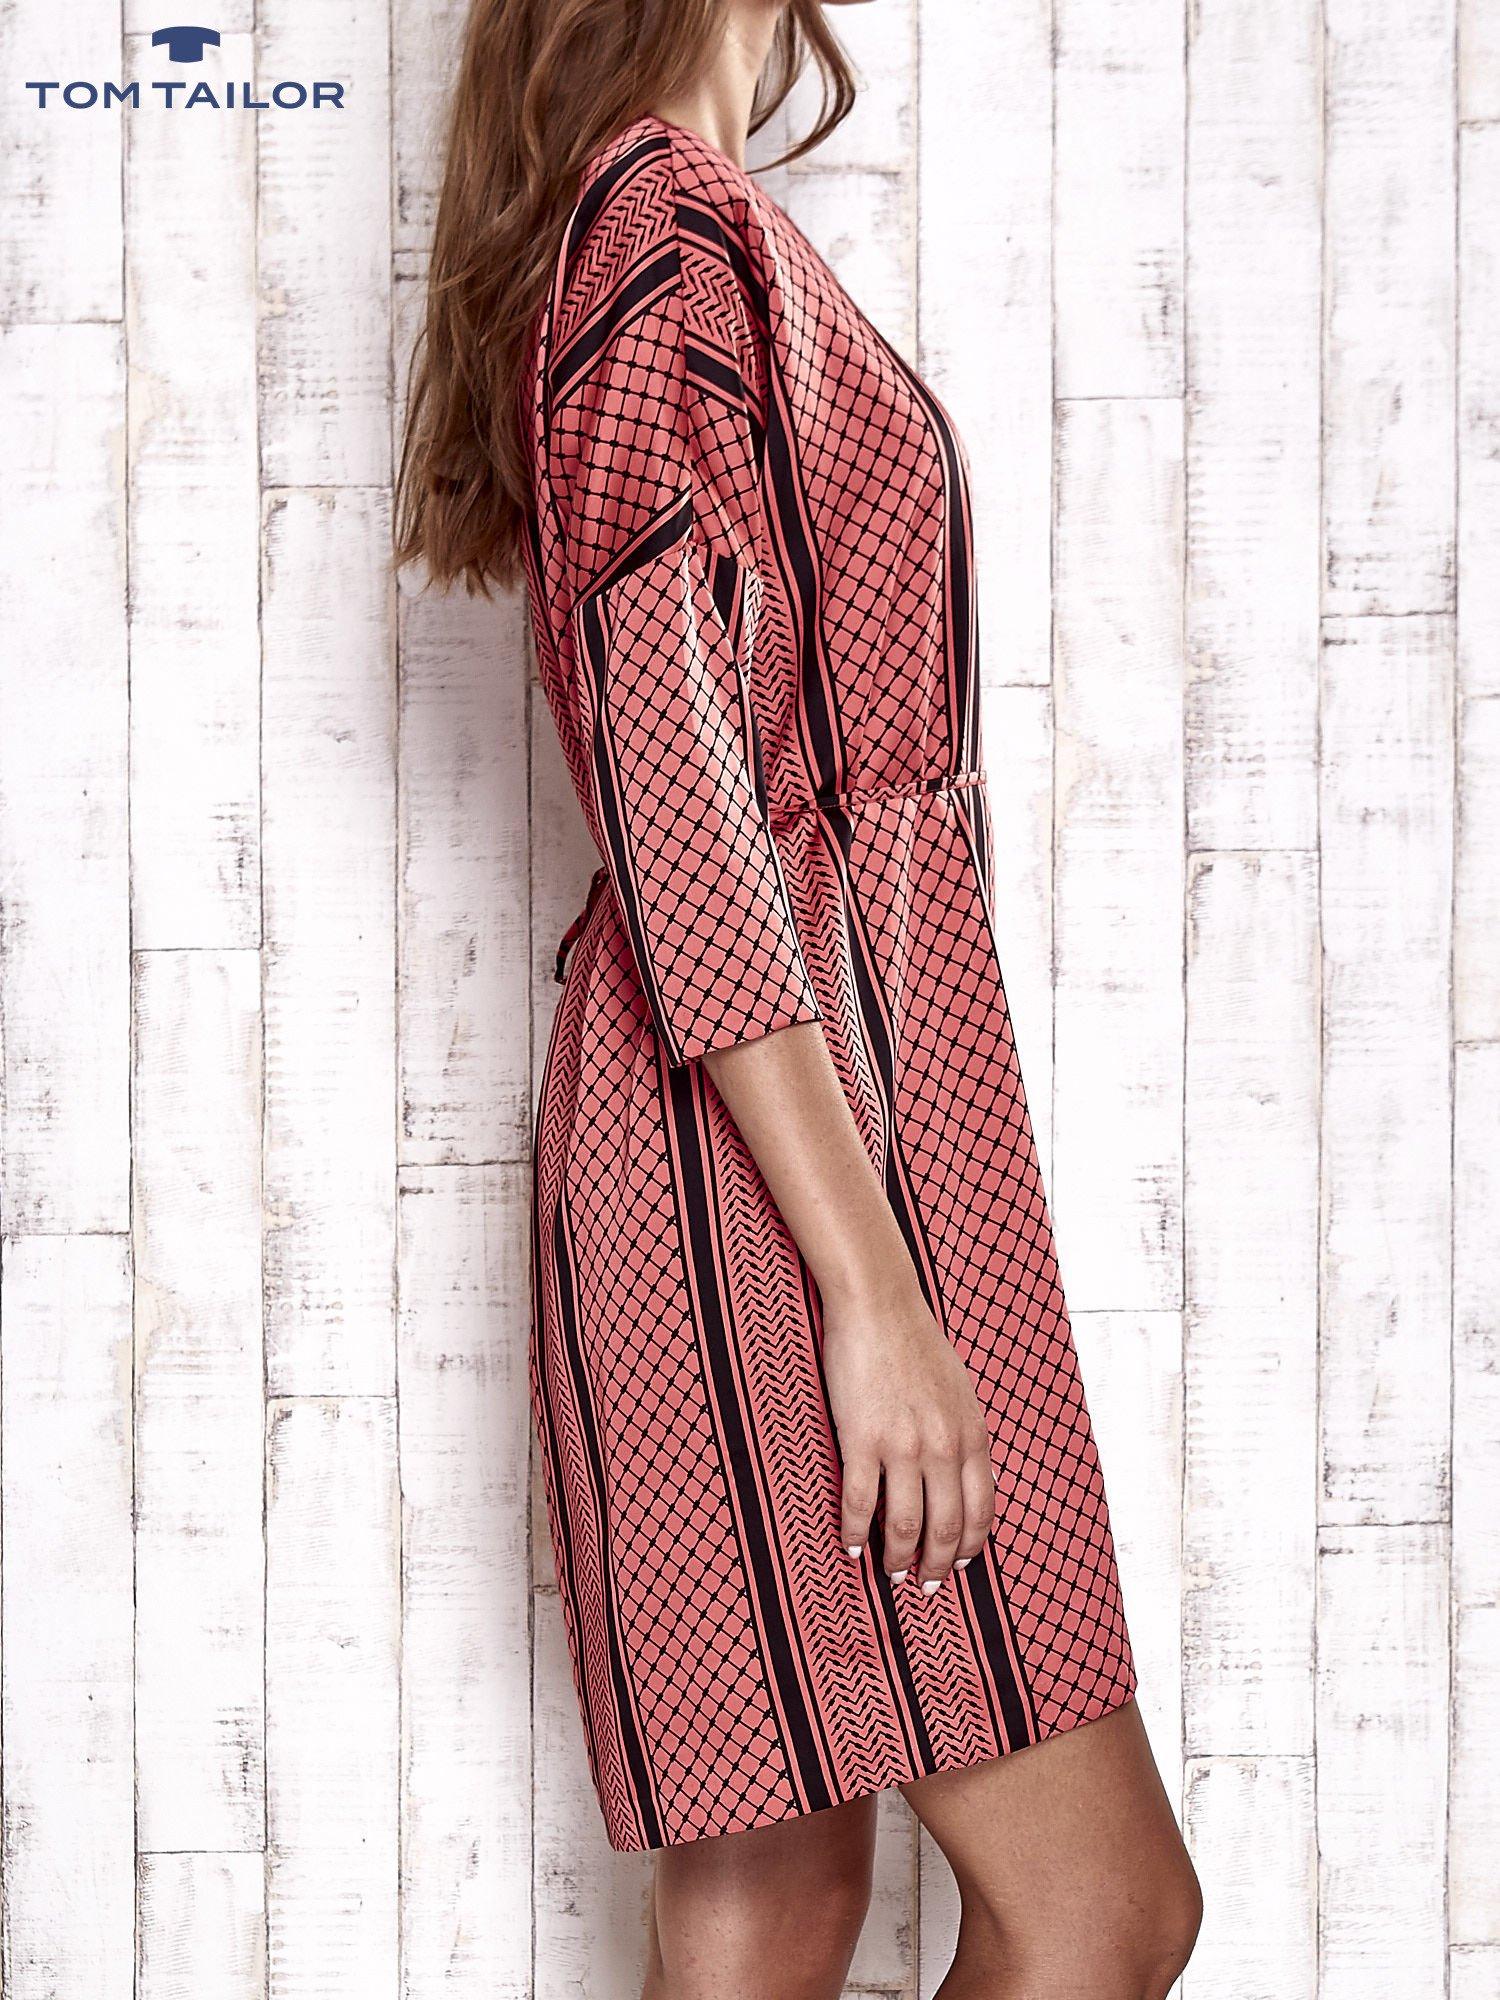 TOM TAILOR Koralowa graficzna sukienka z wiązaniem                                  zdj.                                  3